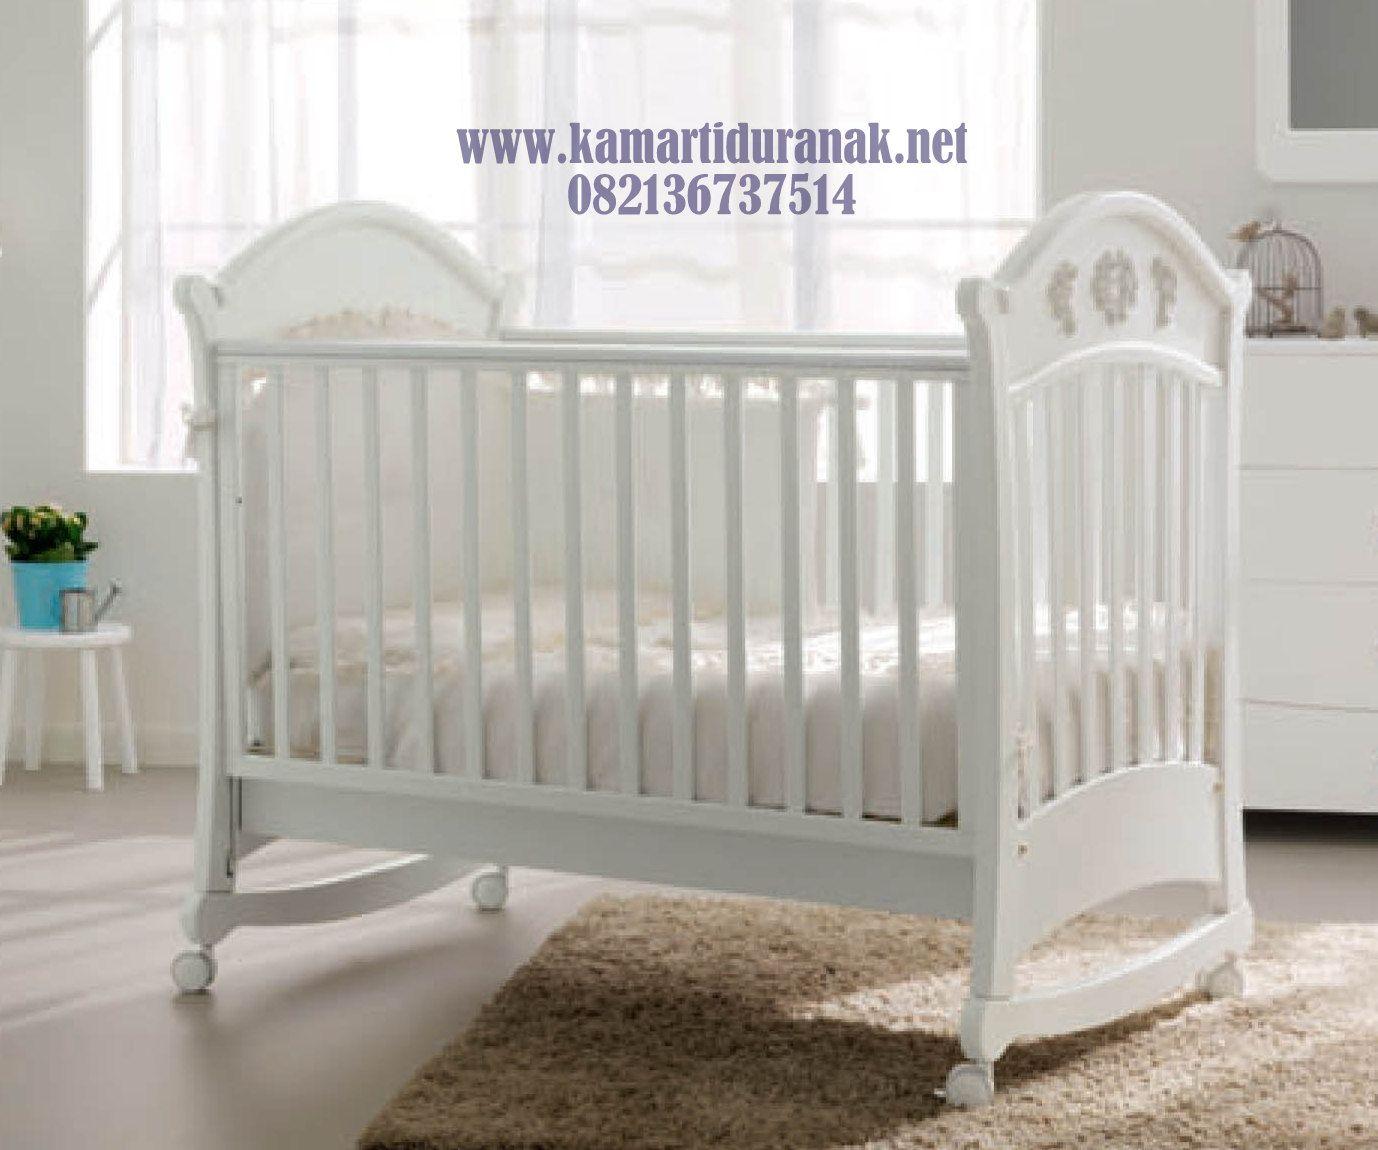 harga box bayi minimalis klasik terbaru 2017 kayu warna putih model ranjang